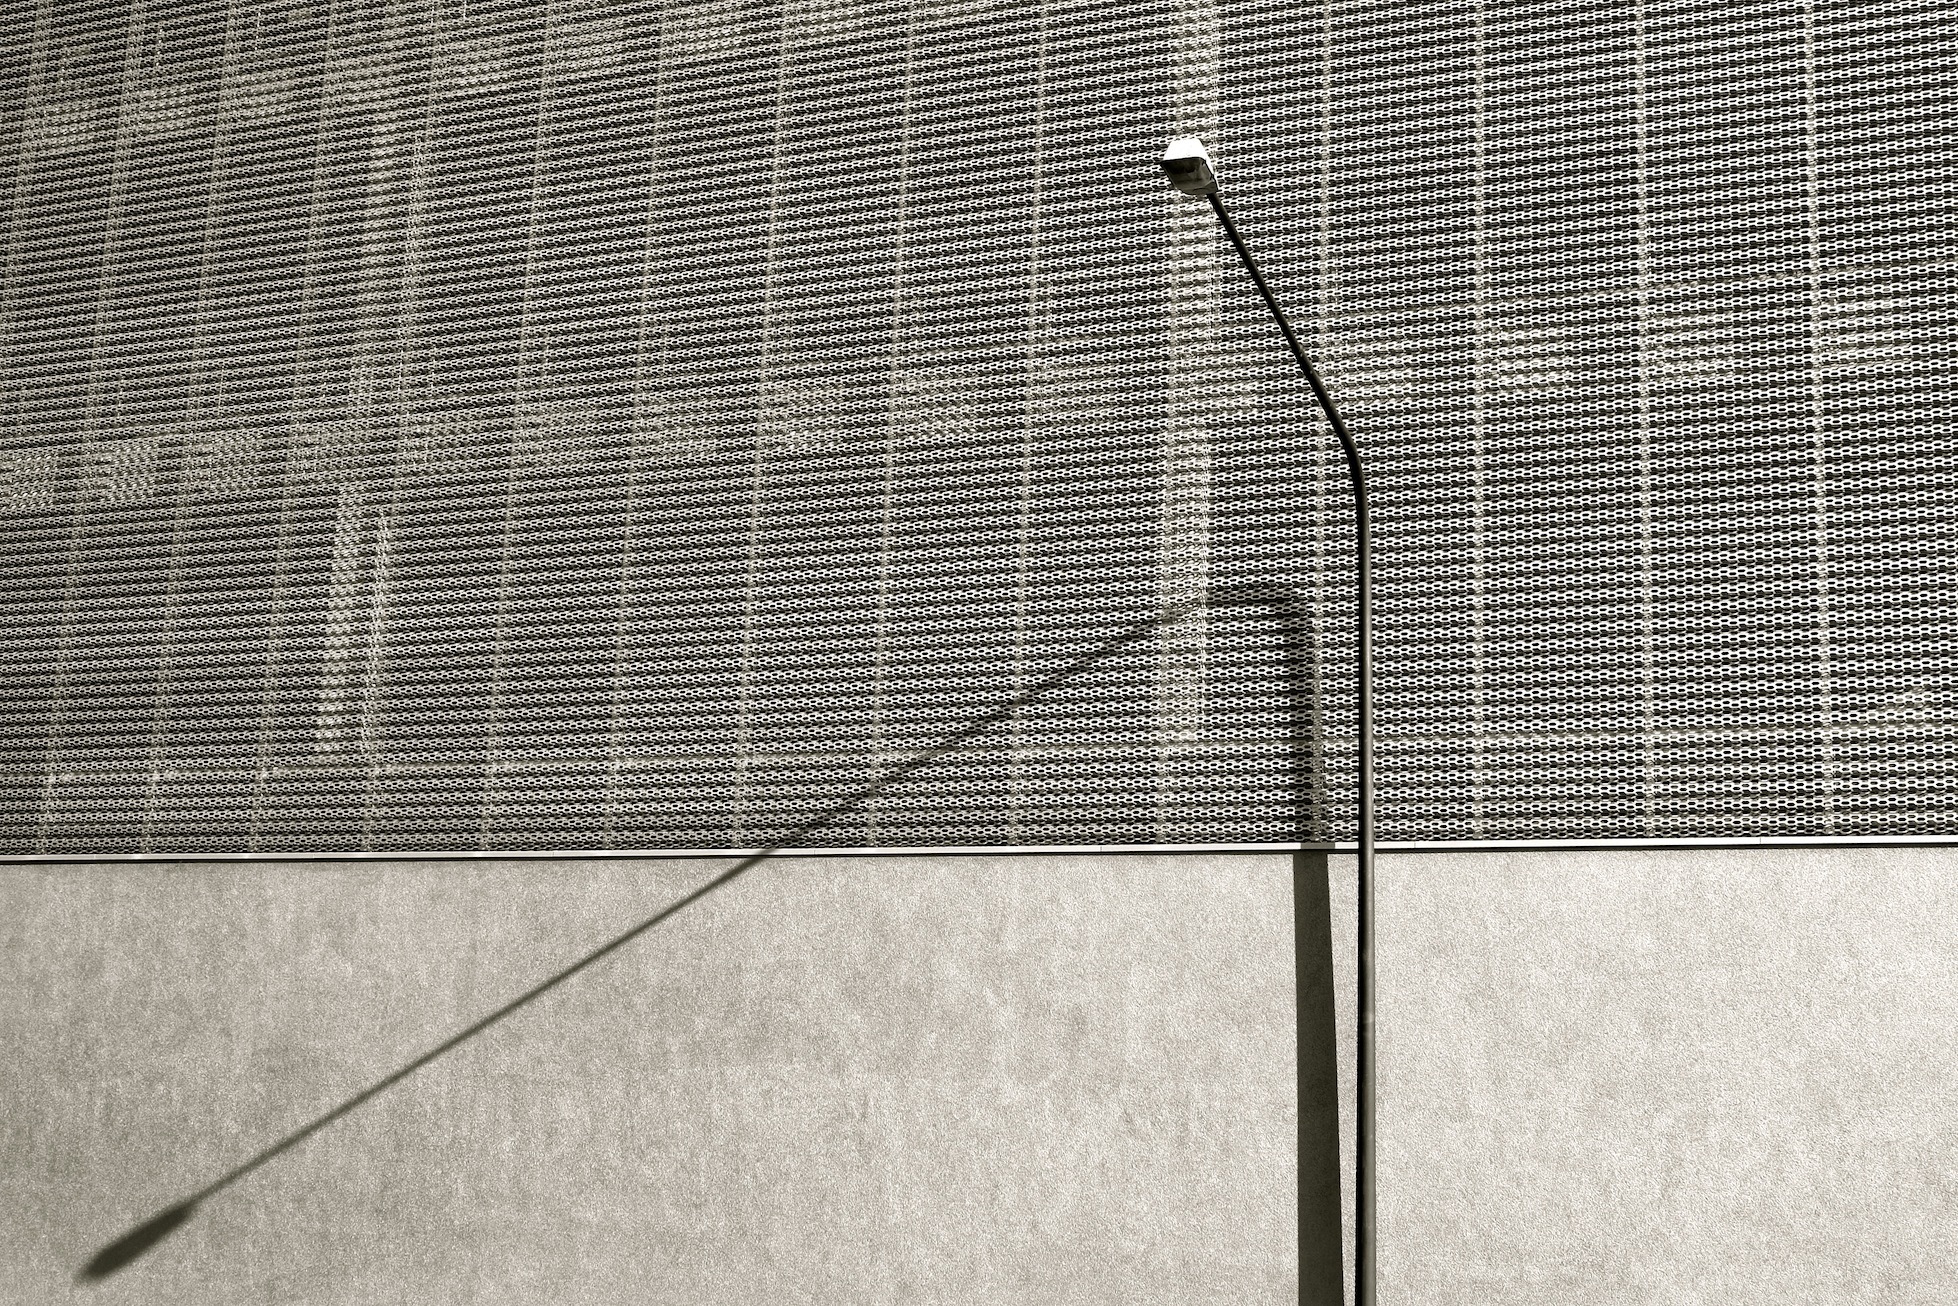 Lamp pole, East end. Frankfurt/Main